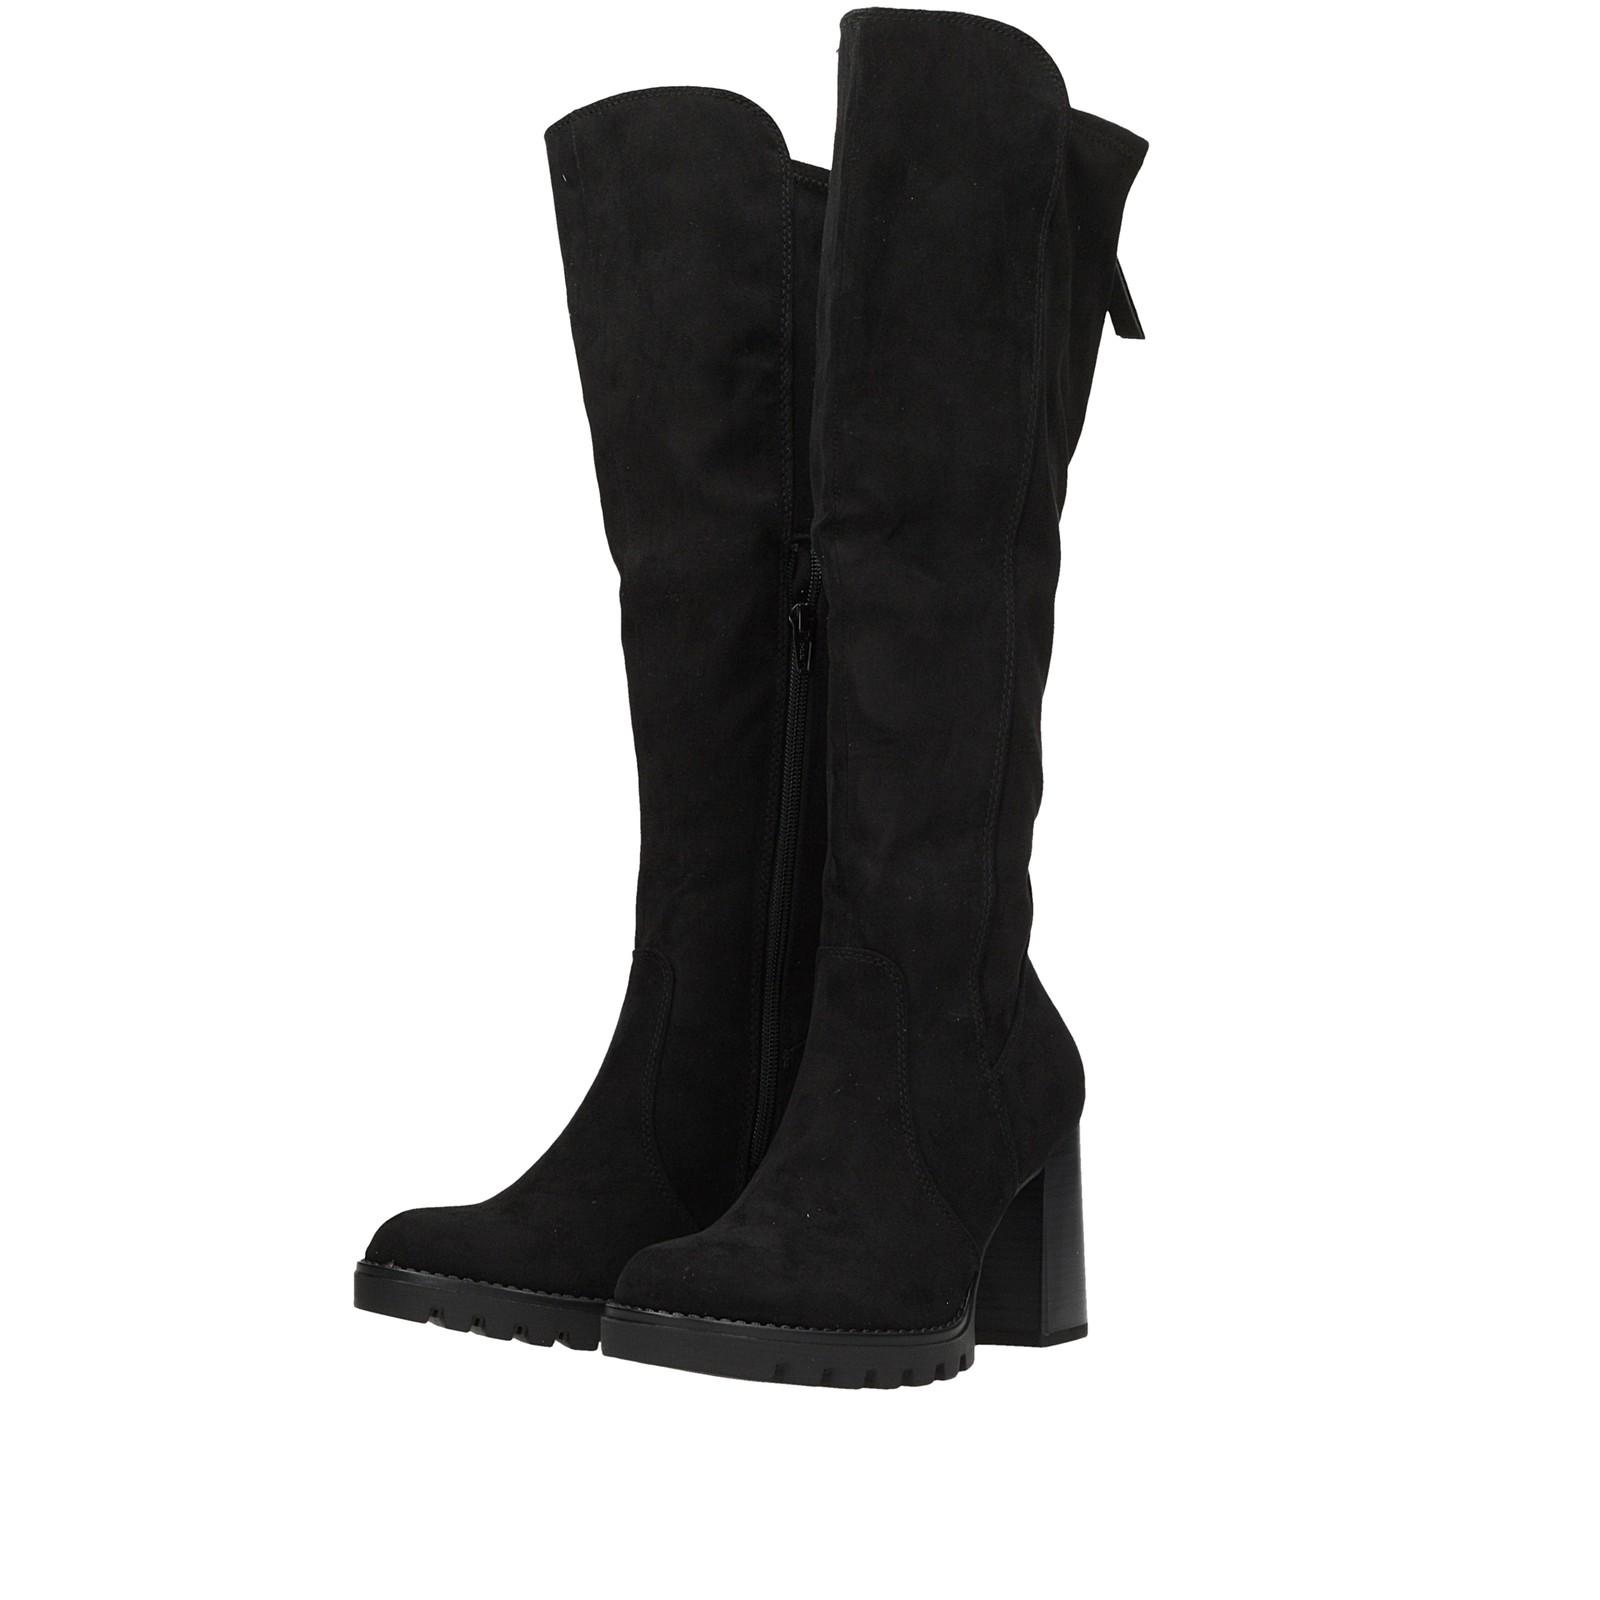 856f3cd18bc52 Tamaris dámske textilné vysoké čižmy - čierne | 2554021-BLK www.robel.sk